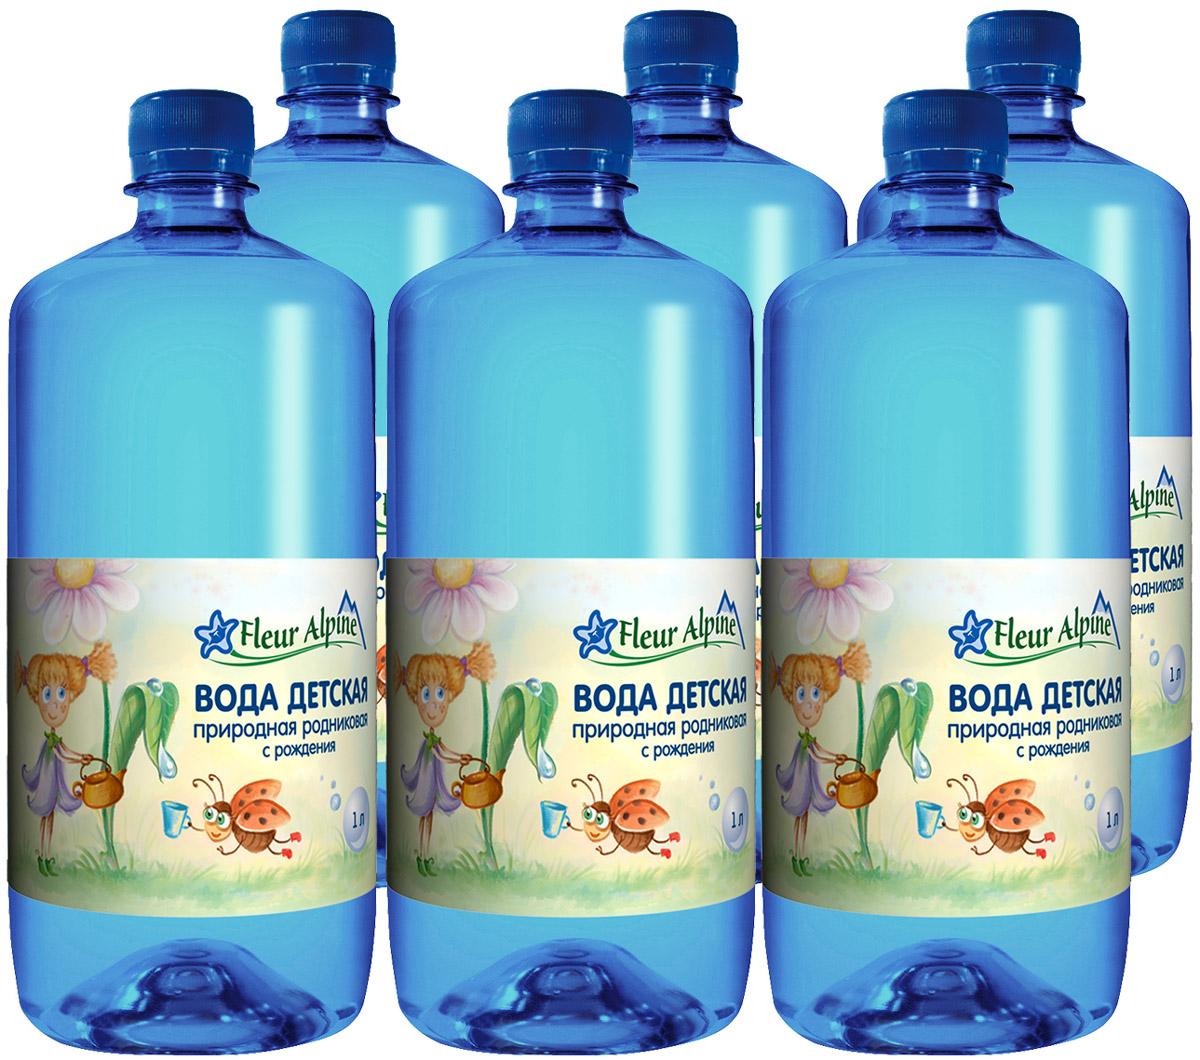 Fleur Alpine Вода детская питьевая с рождения, 6 шт по 1 л fleur alpine organic вода детская питьевая с рождения 0 25 л